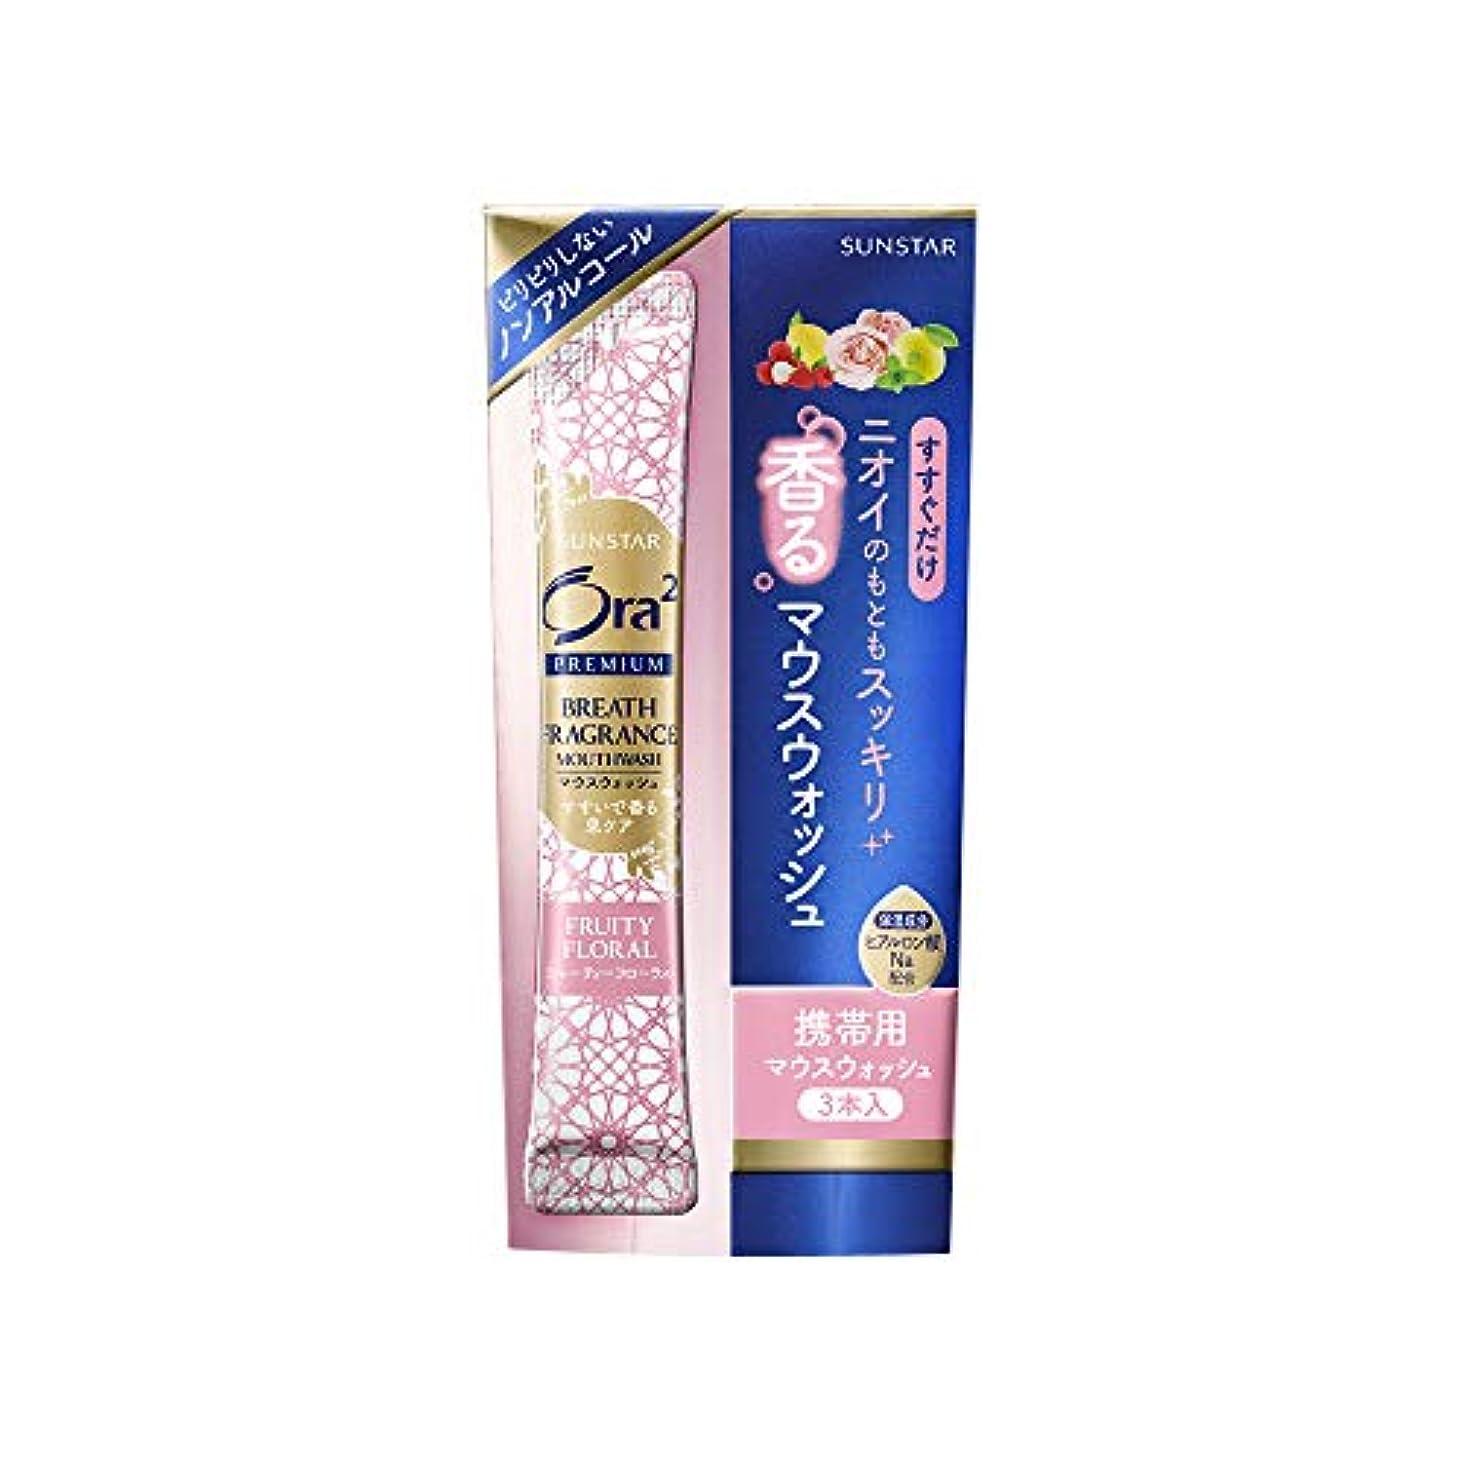 防ぐ年金対応Ora2(オーラツー) プレミアム マウスウォッシュ ブレスフレグランス 洗口液 [フルーティーフローラル] トラベル用